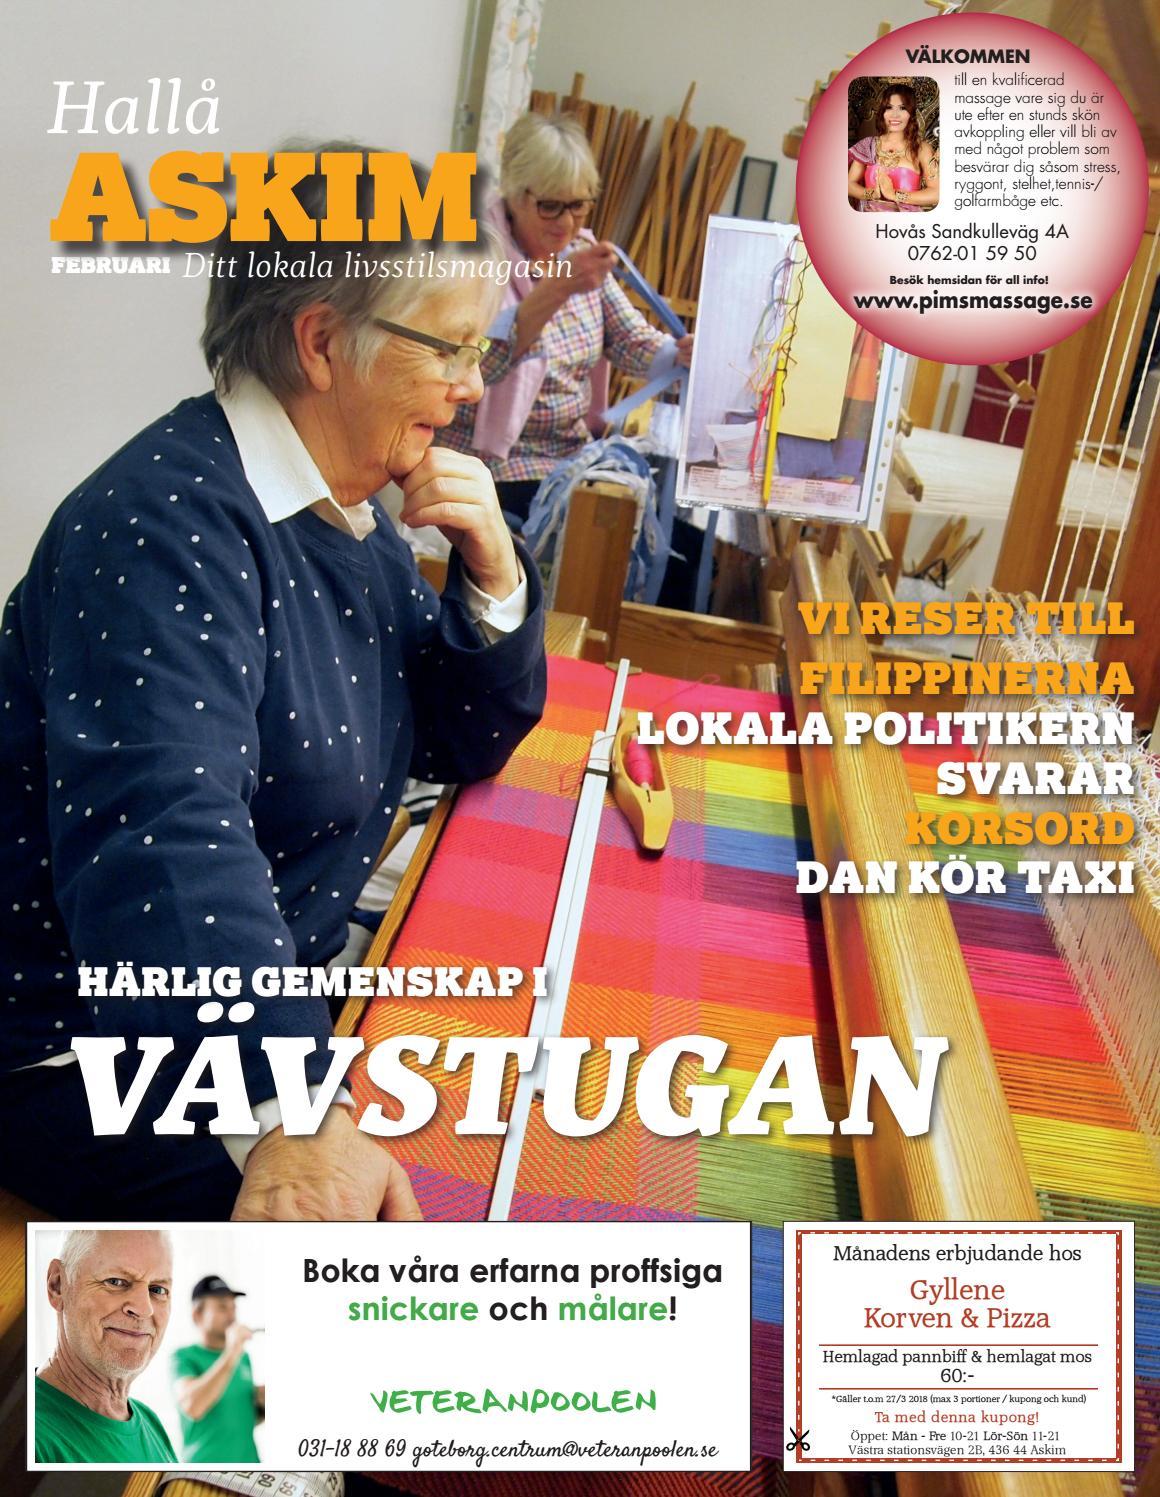 thaimassage hembesök stockholm mötesplatsen sök